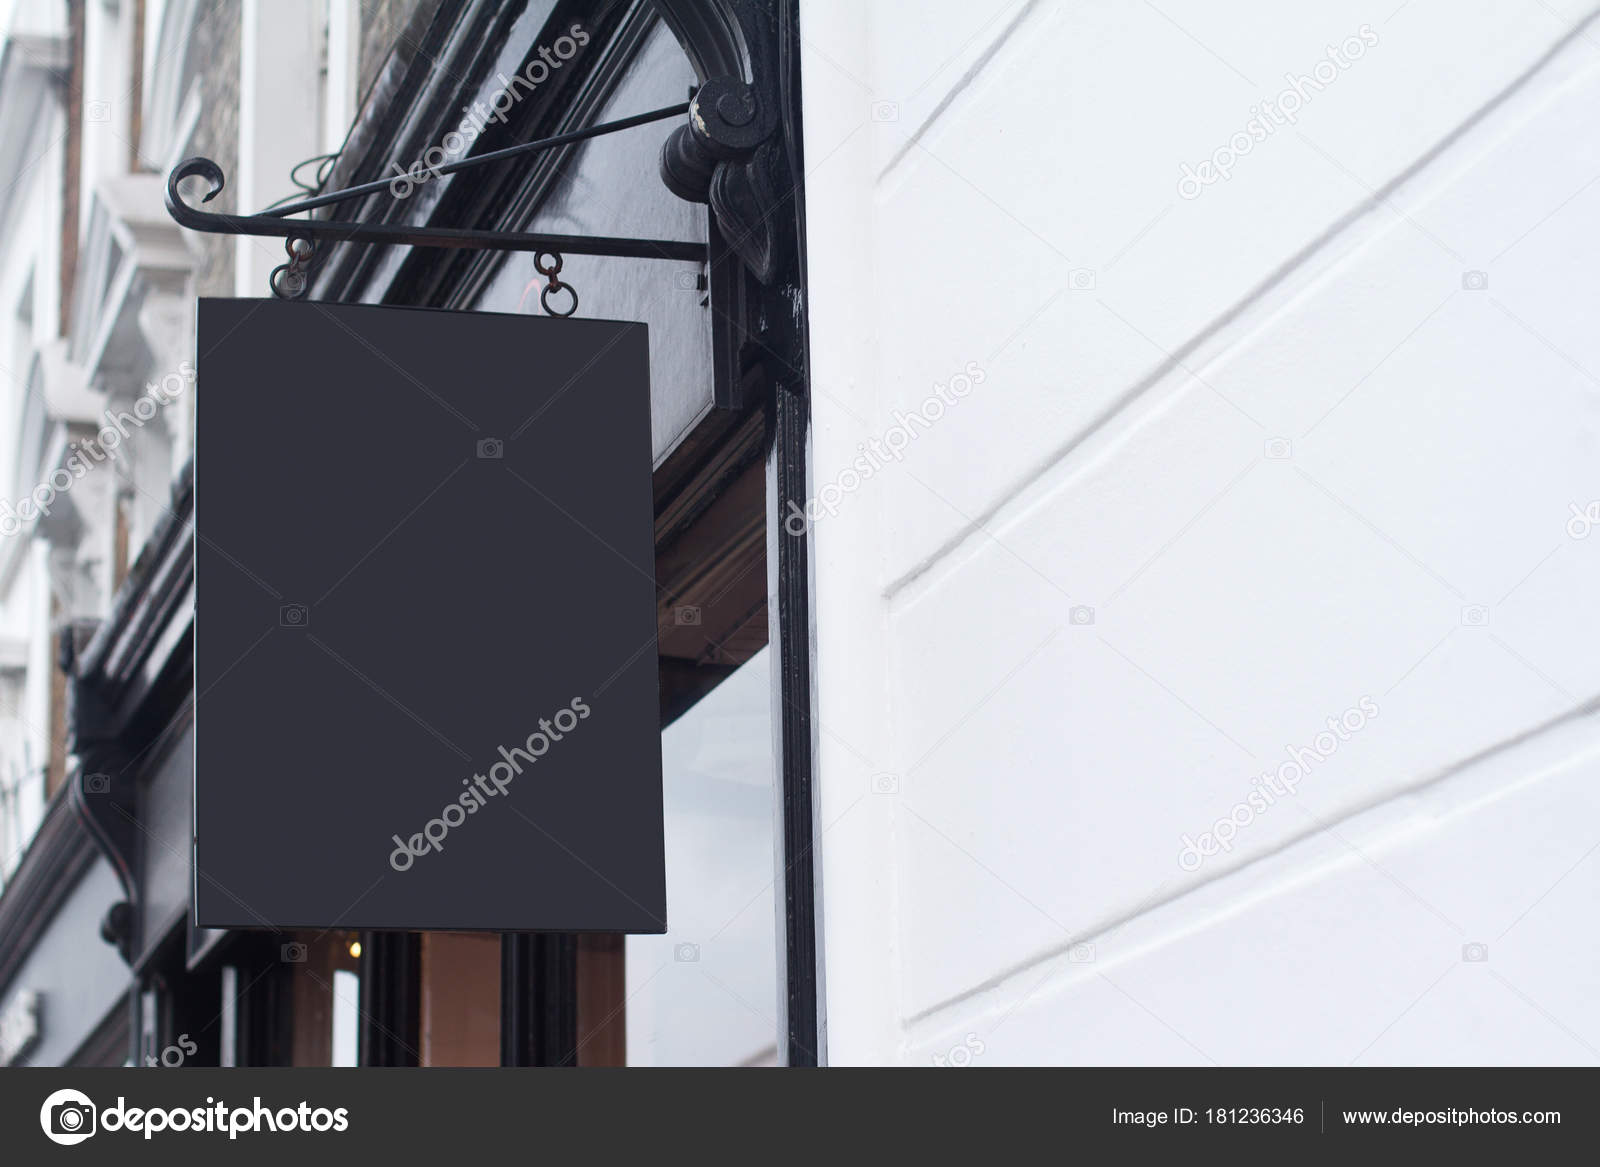 quadratische leere Schild an einem Gebäude mit klassischer ...